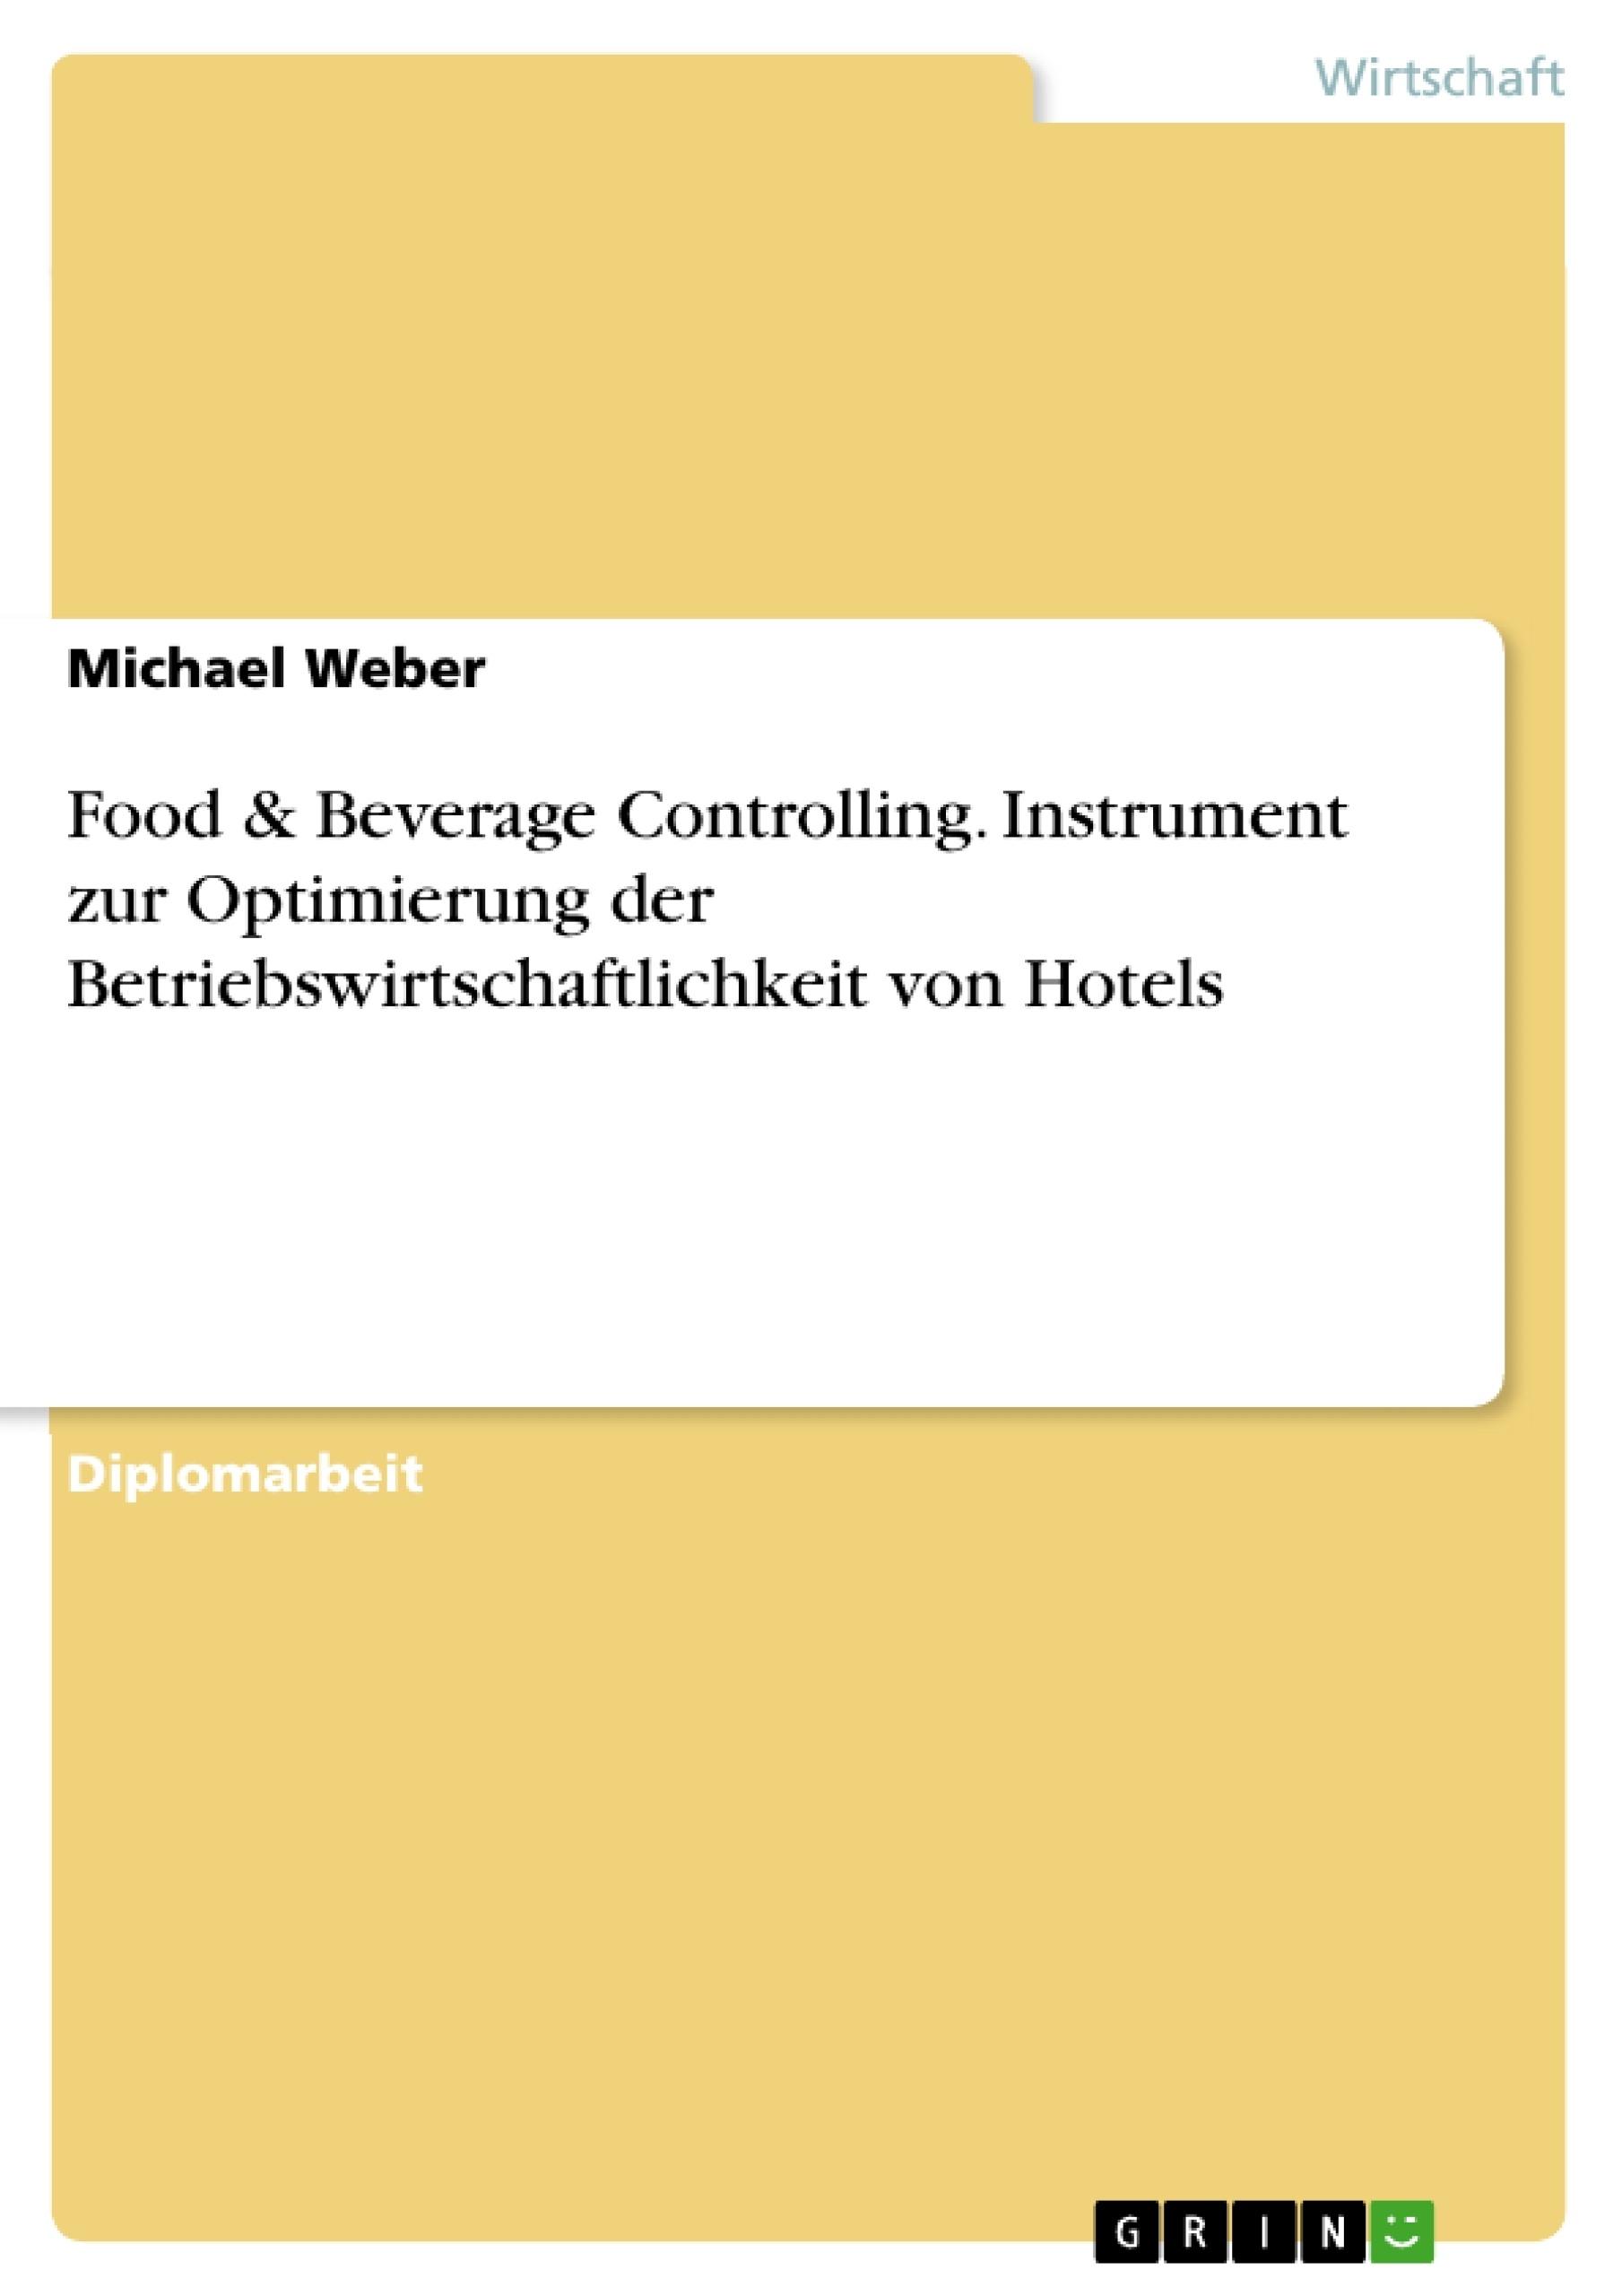 Titel: Food & Beverage Controlling. Instrument zur Optimierung der Betriebswirtschaftlichkeit von Hotels